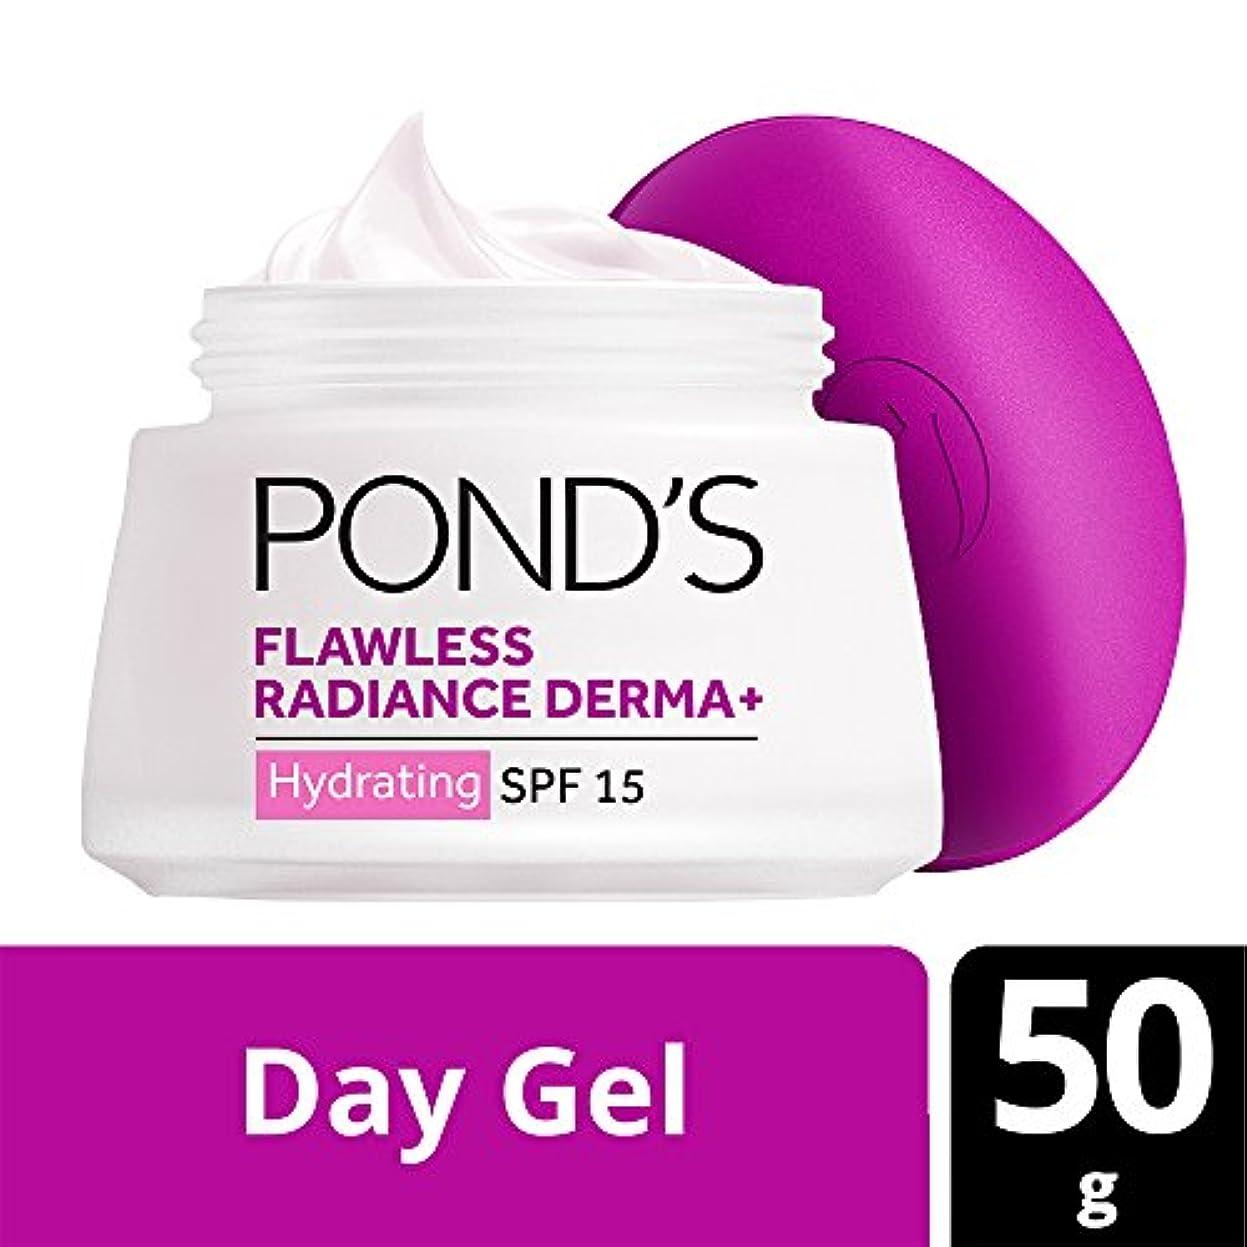 人里離れたせっかちにやにやPond's SPF15 PA++ Flawless Radiance Derma+ Hydrating Day Gel, 50g (Parellel Import)